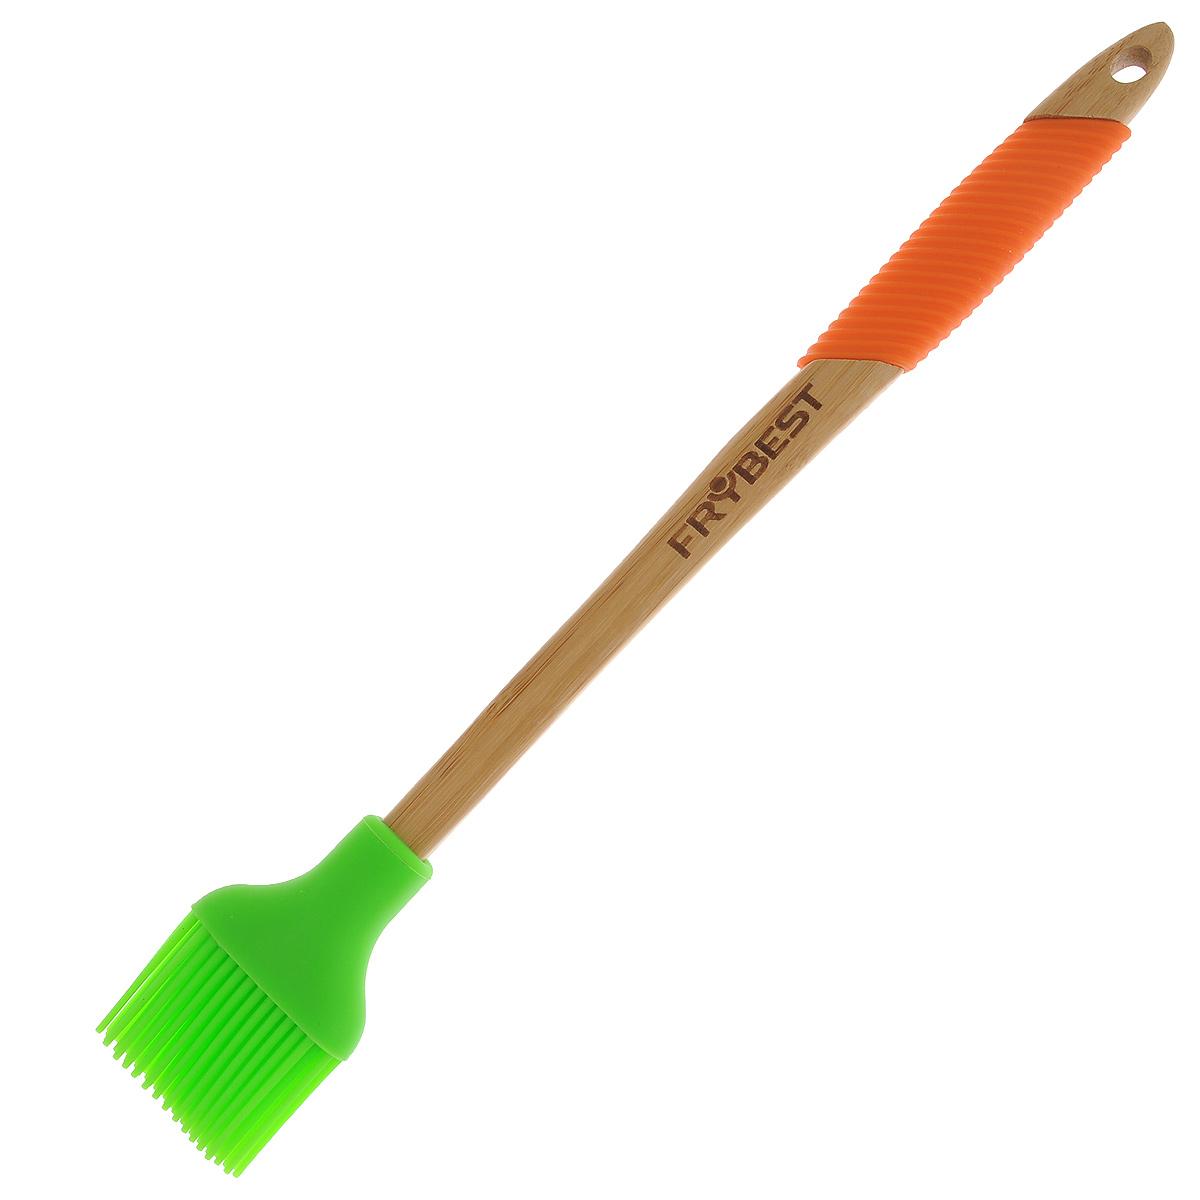 Кисточка бамбуковая Frybest с силиконовым наконечником, цвет: оранжевый, зеленый. MUR-UT2MUR-UT2Кисточка Frybest, выполненная из высококачественной древесины бамбука, займет достойное место среди аксессуаров на вашей кухне. Наконечник кисточки выполнен из силикона. Эргономичная ручка оснащена силиконовой вставкой, что обеспечит более комфортное использование. Благодаря небольшому отверстию на ручке кисточку можно легко подвесить в удобное для вас место. Такая кисточка не впитывает запахи и легко моется. Выполненная из натуральных материалов, она абсолютно экологична и гипоаллергенна. Оригинальный дизайн и качество исполнения не оставят равнодушными ни любителей готовить, ни опытных профессионалов-поваров. Длина кисточки: 36 см.Длина рабочей поверхности: 3,5 см.